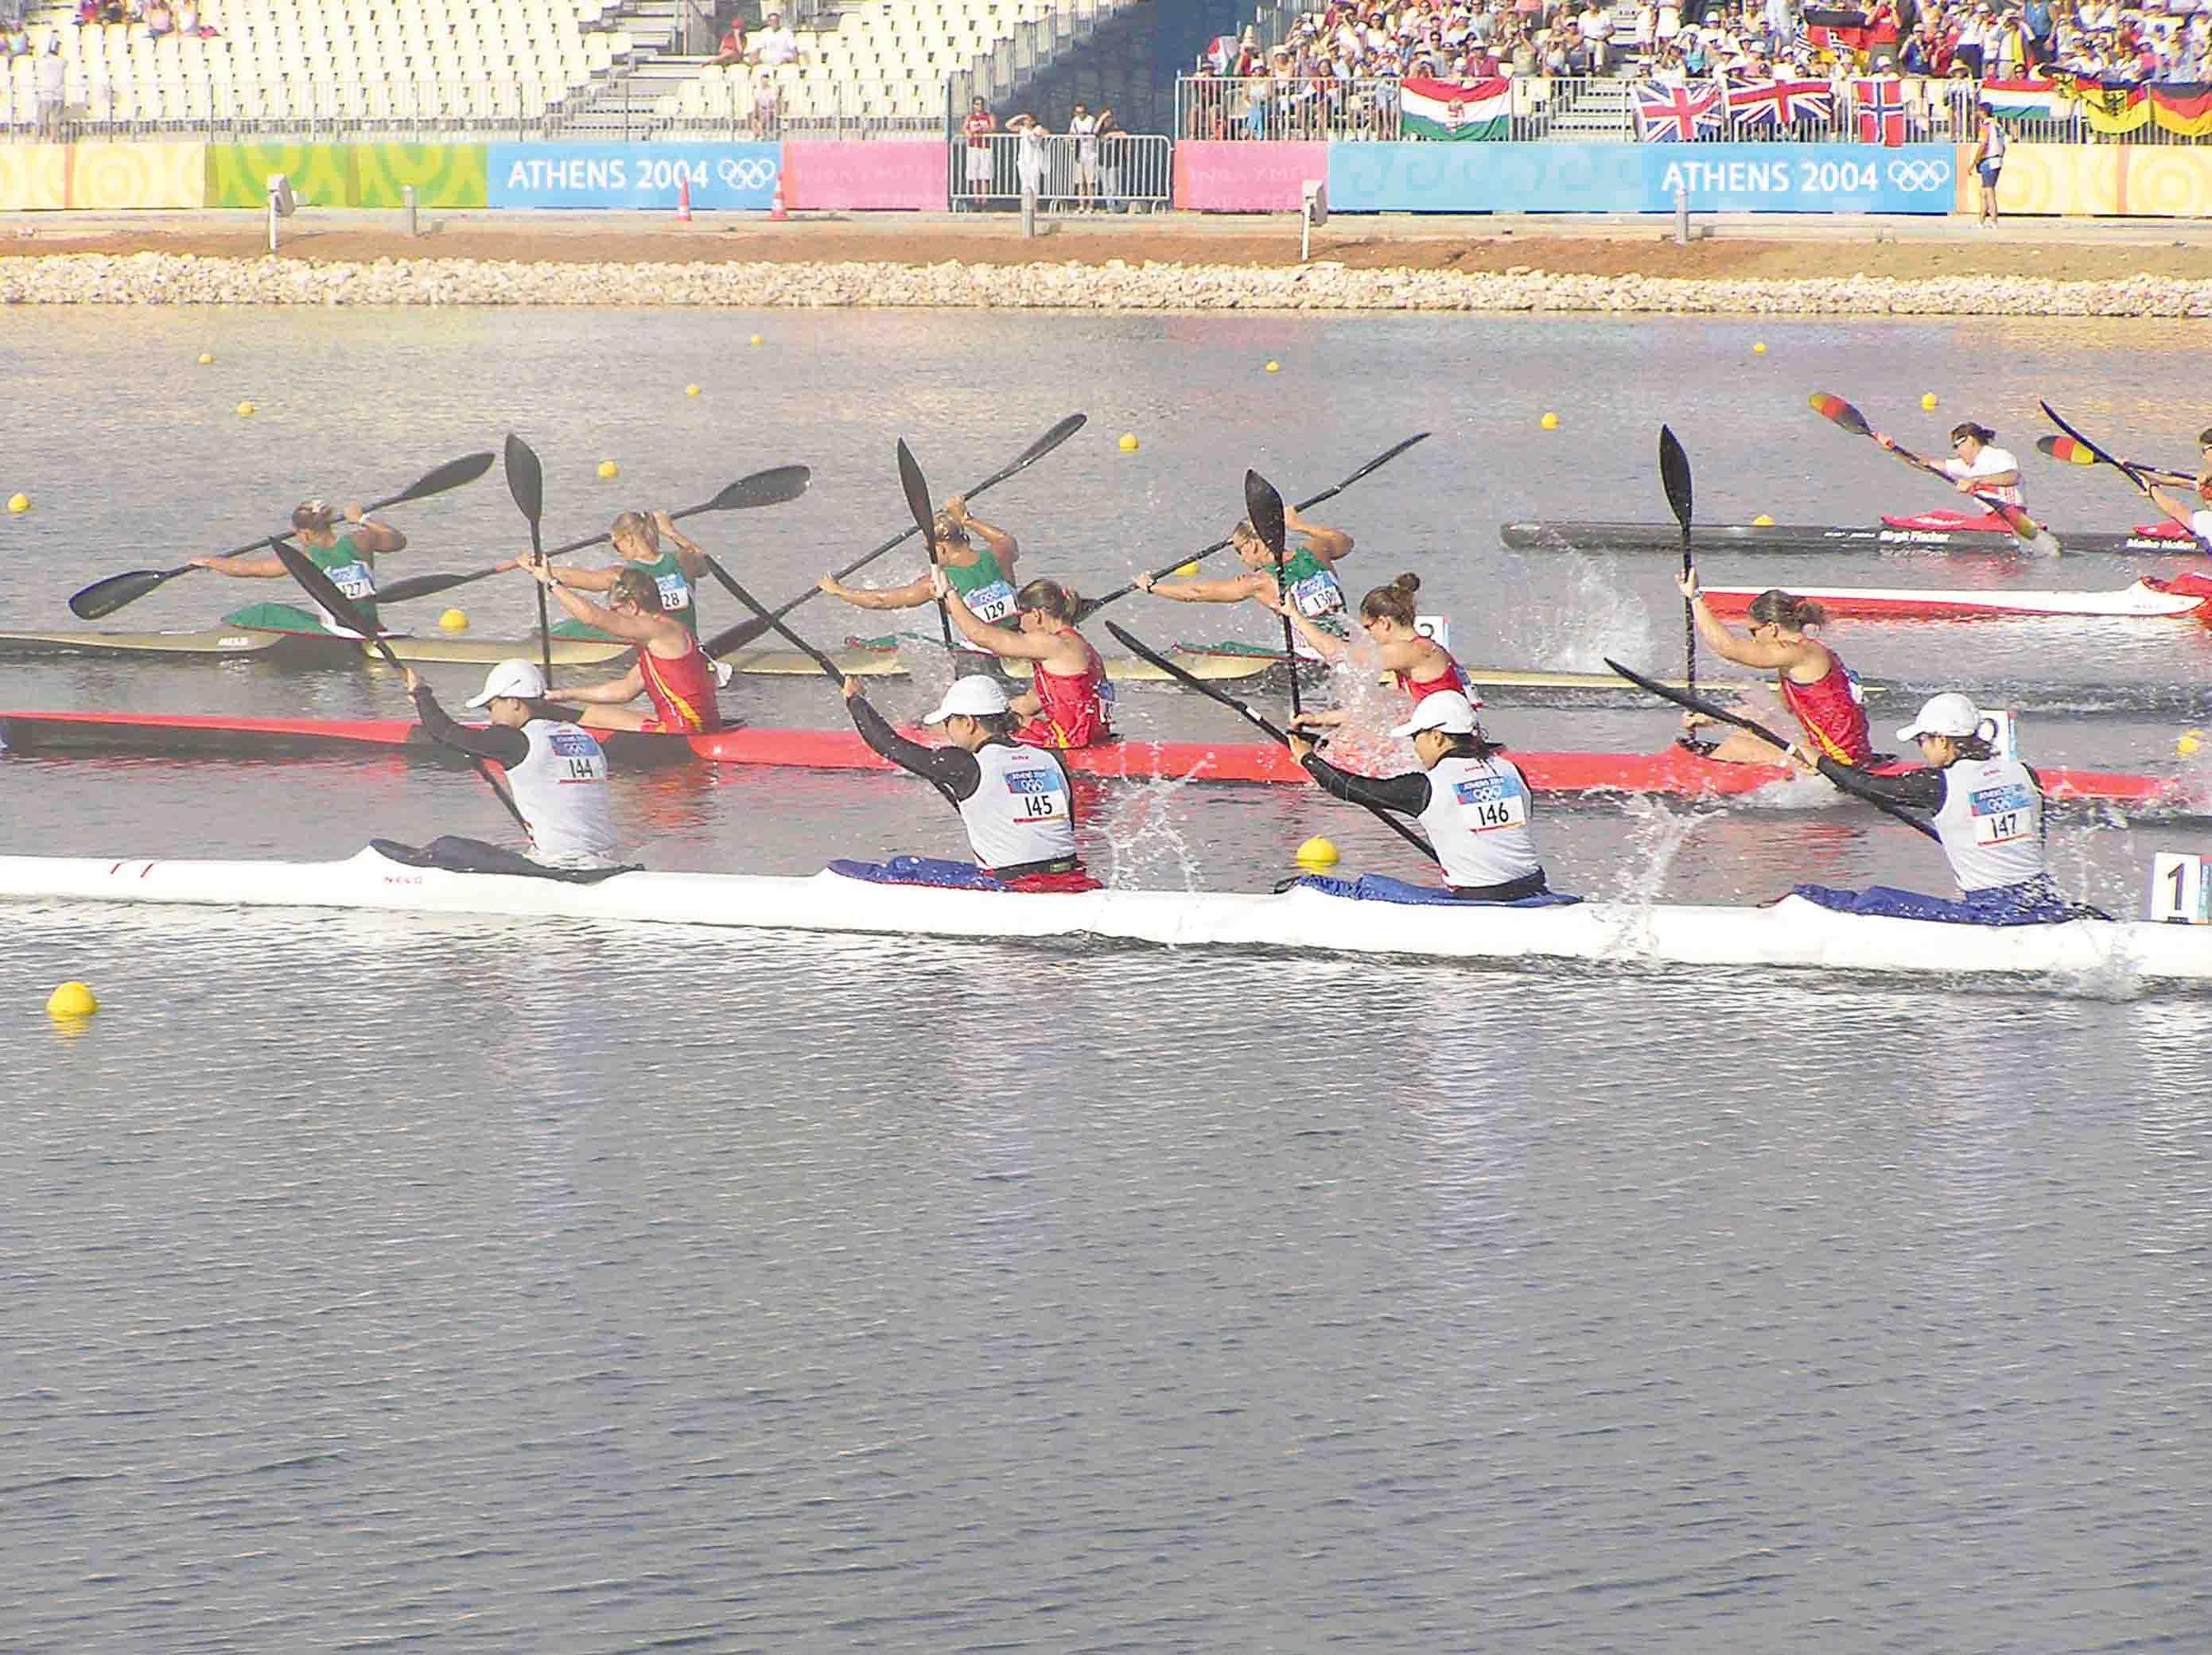 2004年アテネオリンピックのカヌー競技